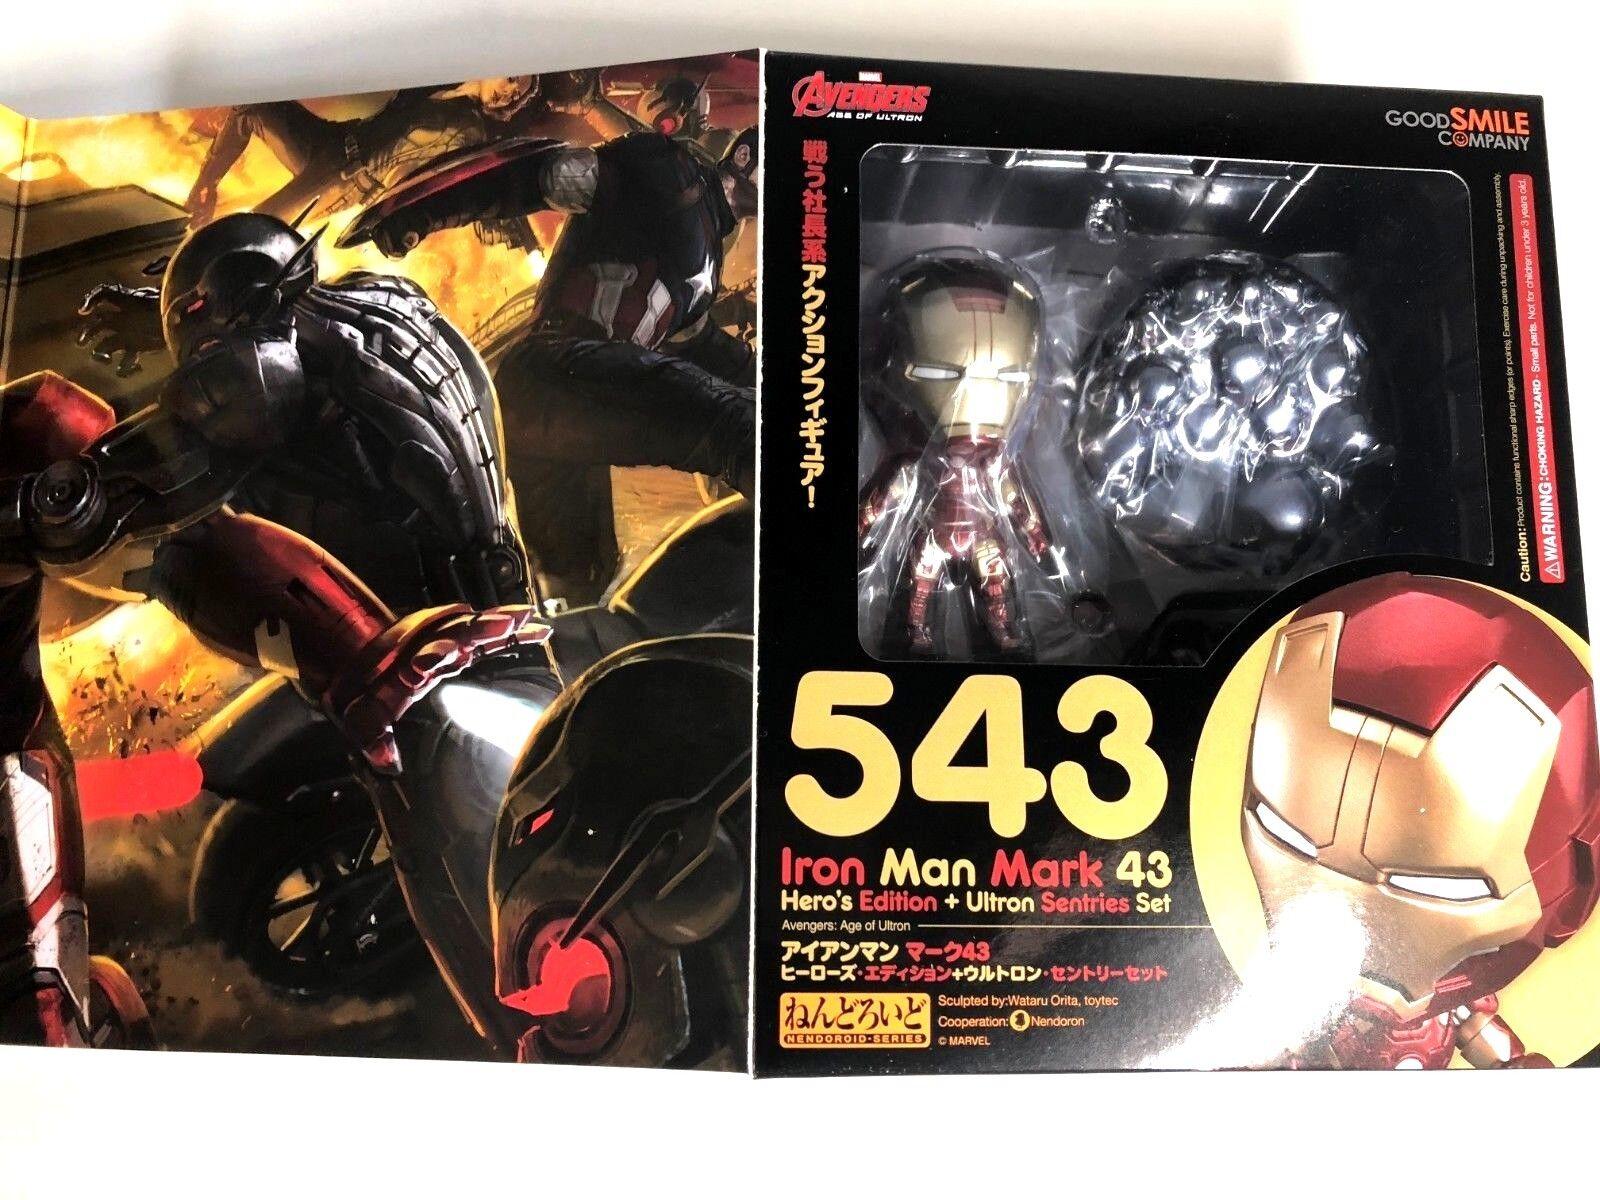 Free Shipping Nendgoldid Avengers Age of Ultron Iron Man 43 Ultronset 543 IRONMAN